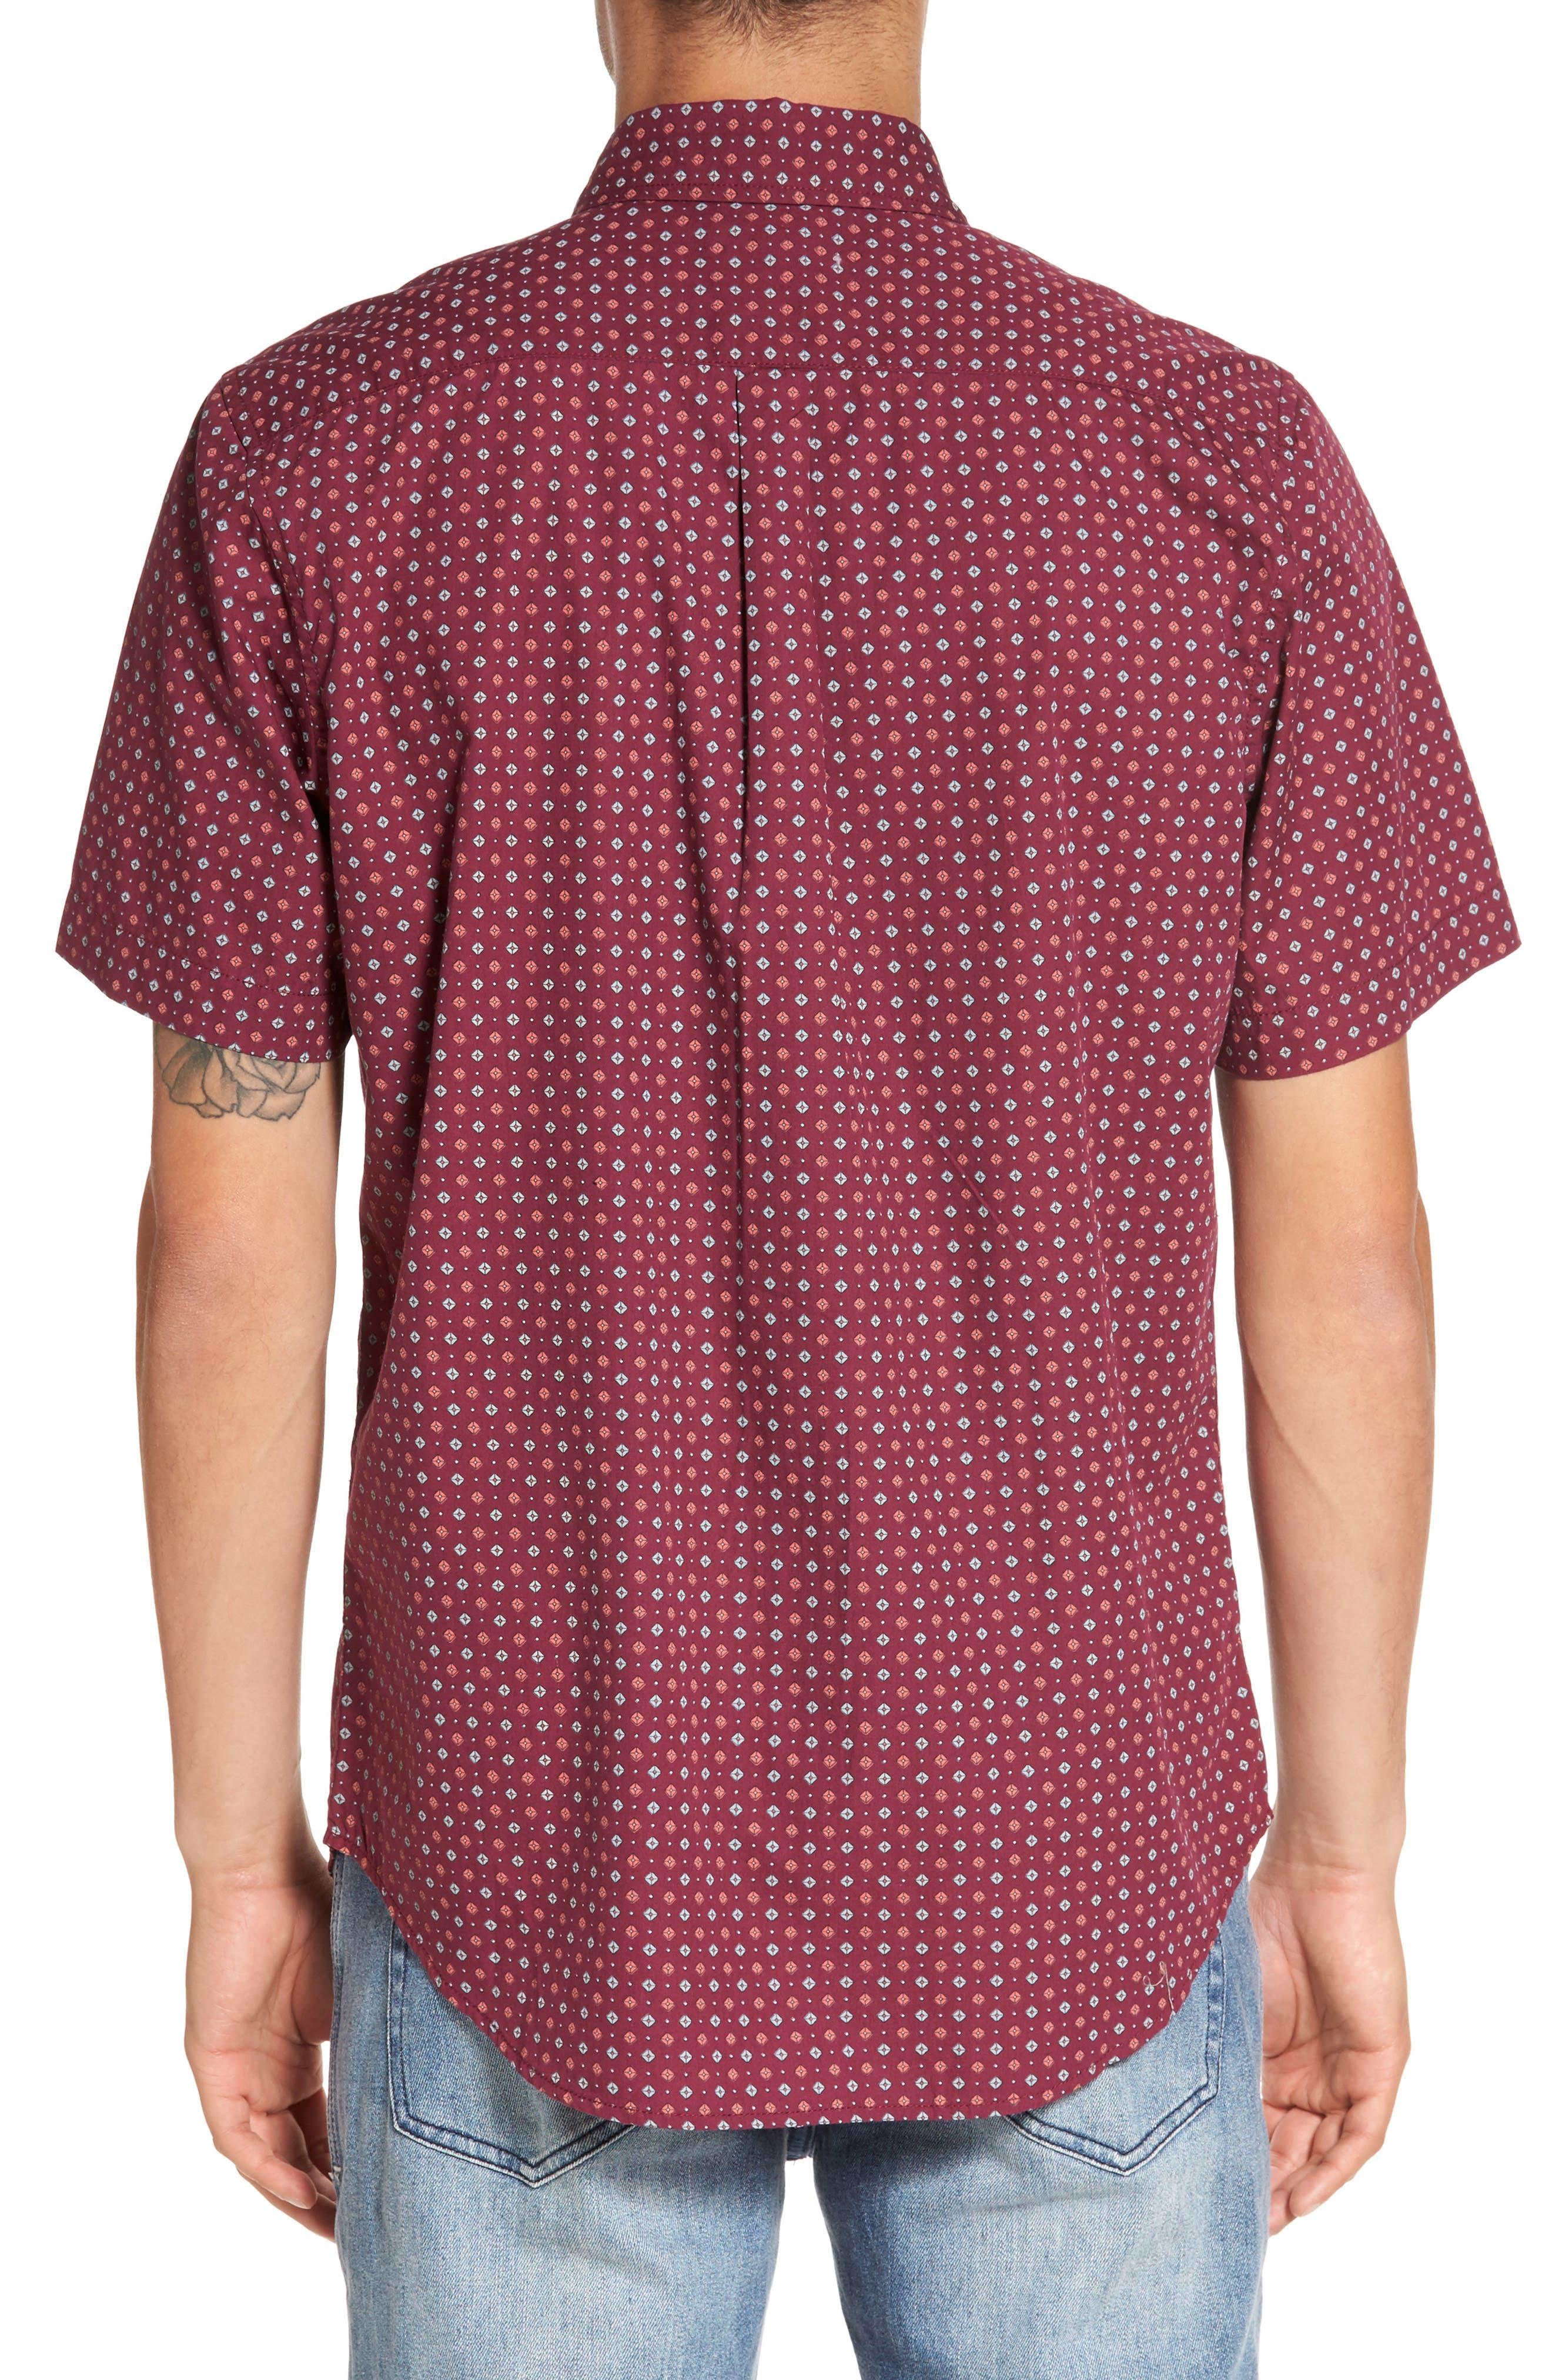 Sterling Woven Shirt,                             Alternate thumbnail 2, color,                             Raspberry Multi